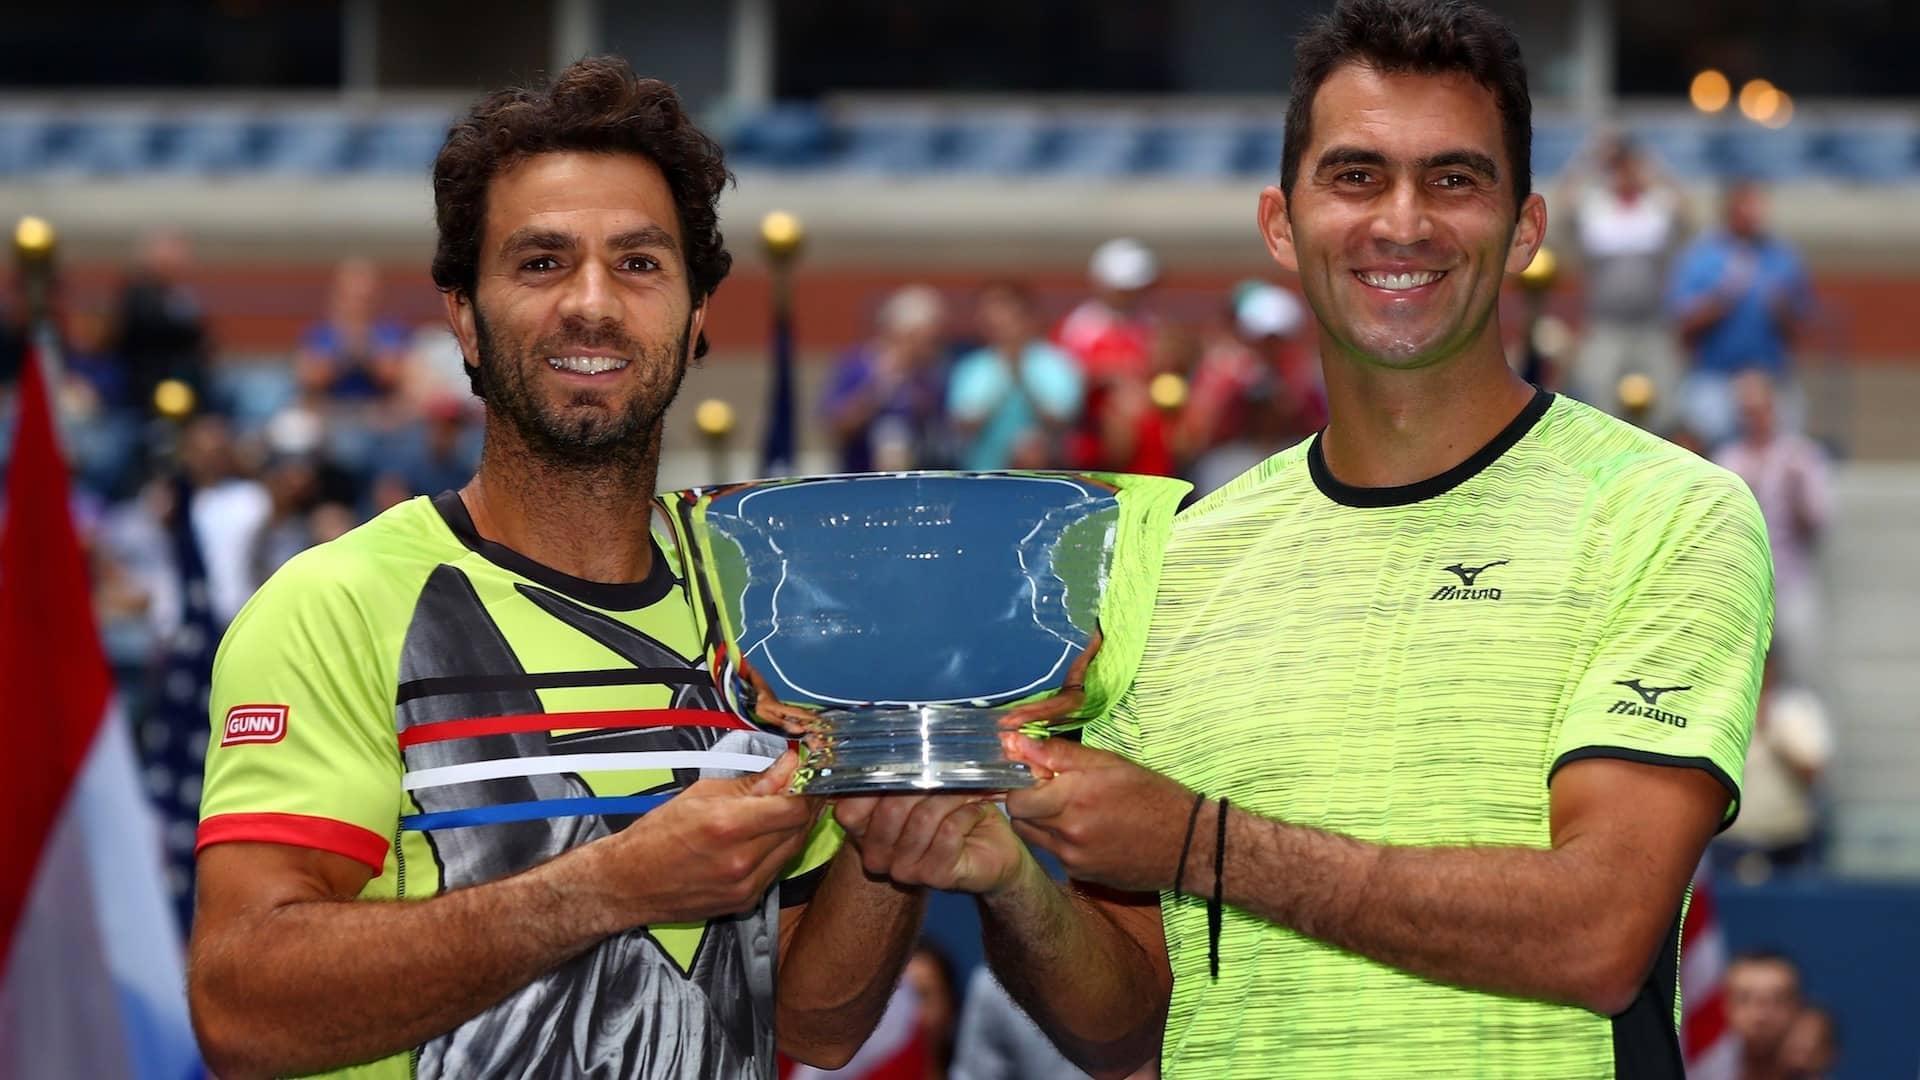 Resultado de imagen para dobles masculinos campeones usopen 2017